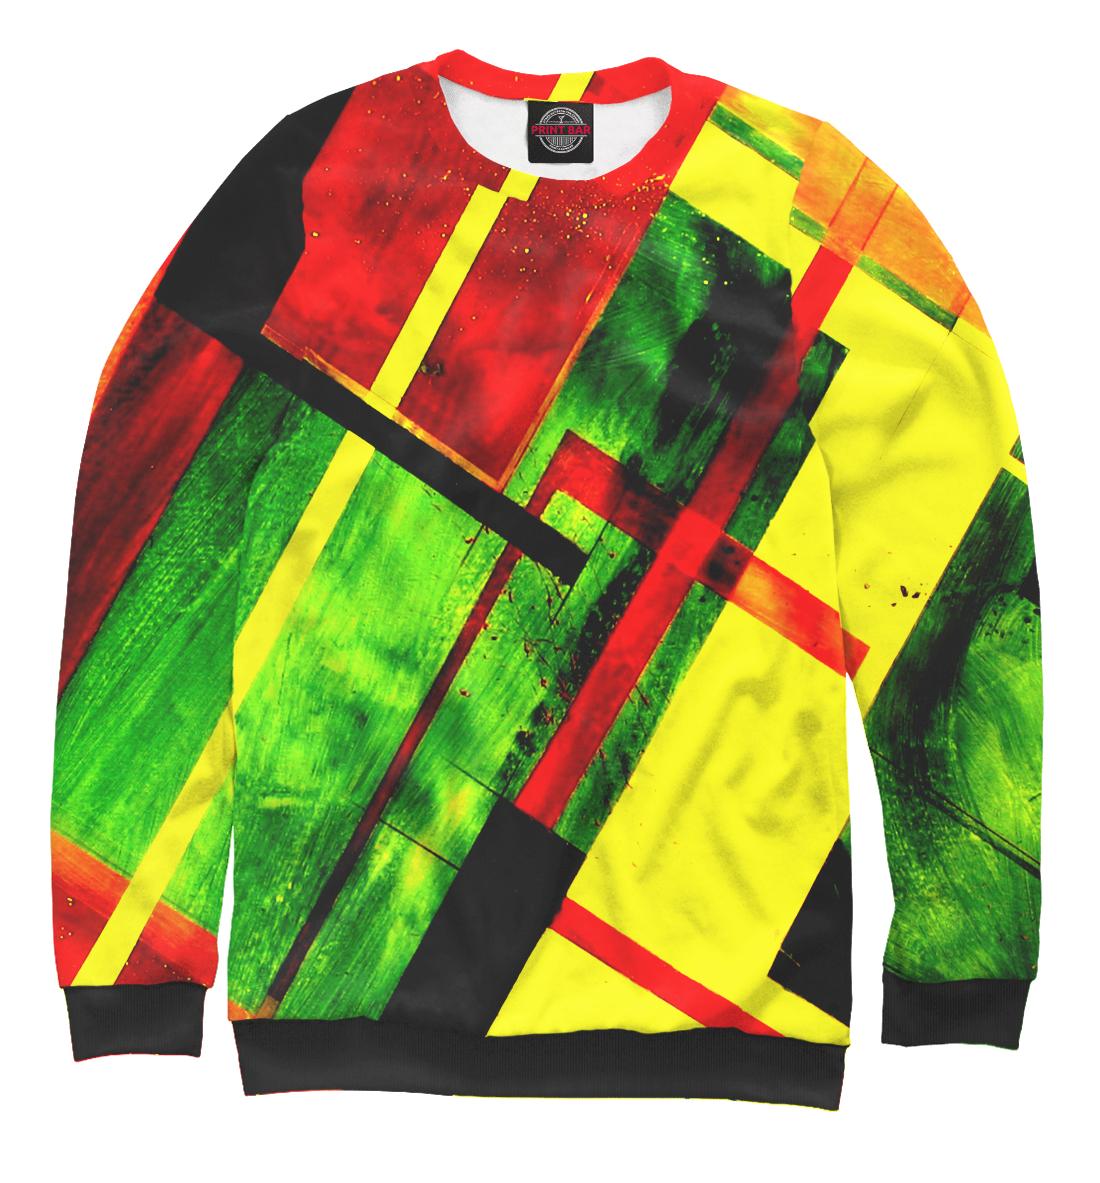 Купить Цветная геометрия, Printbar, Свитшоты, GEO-170619-swi-2